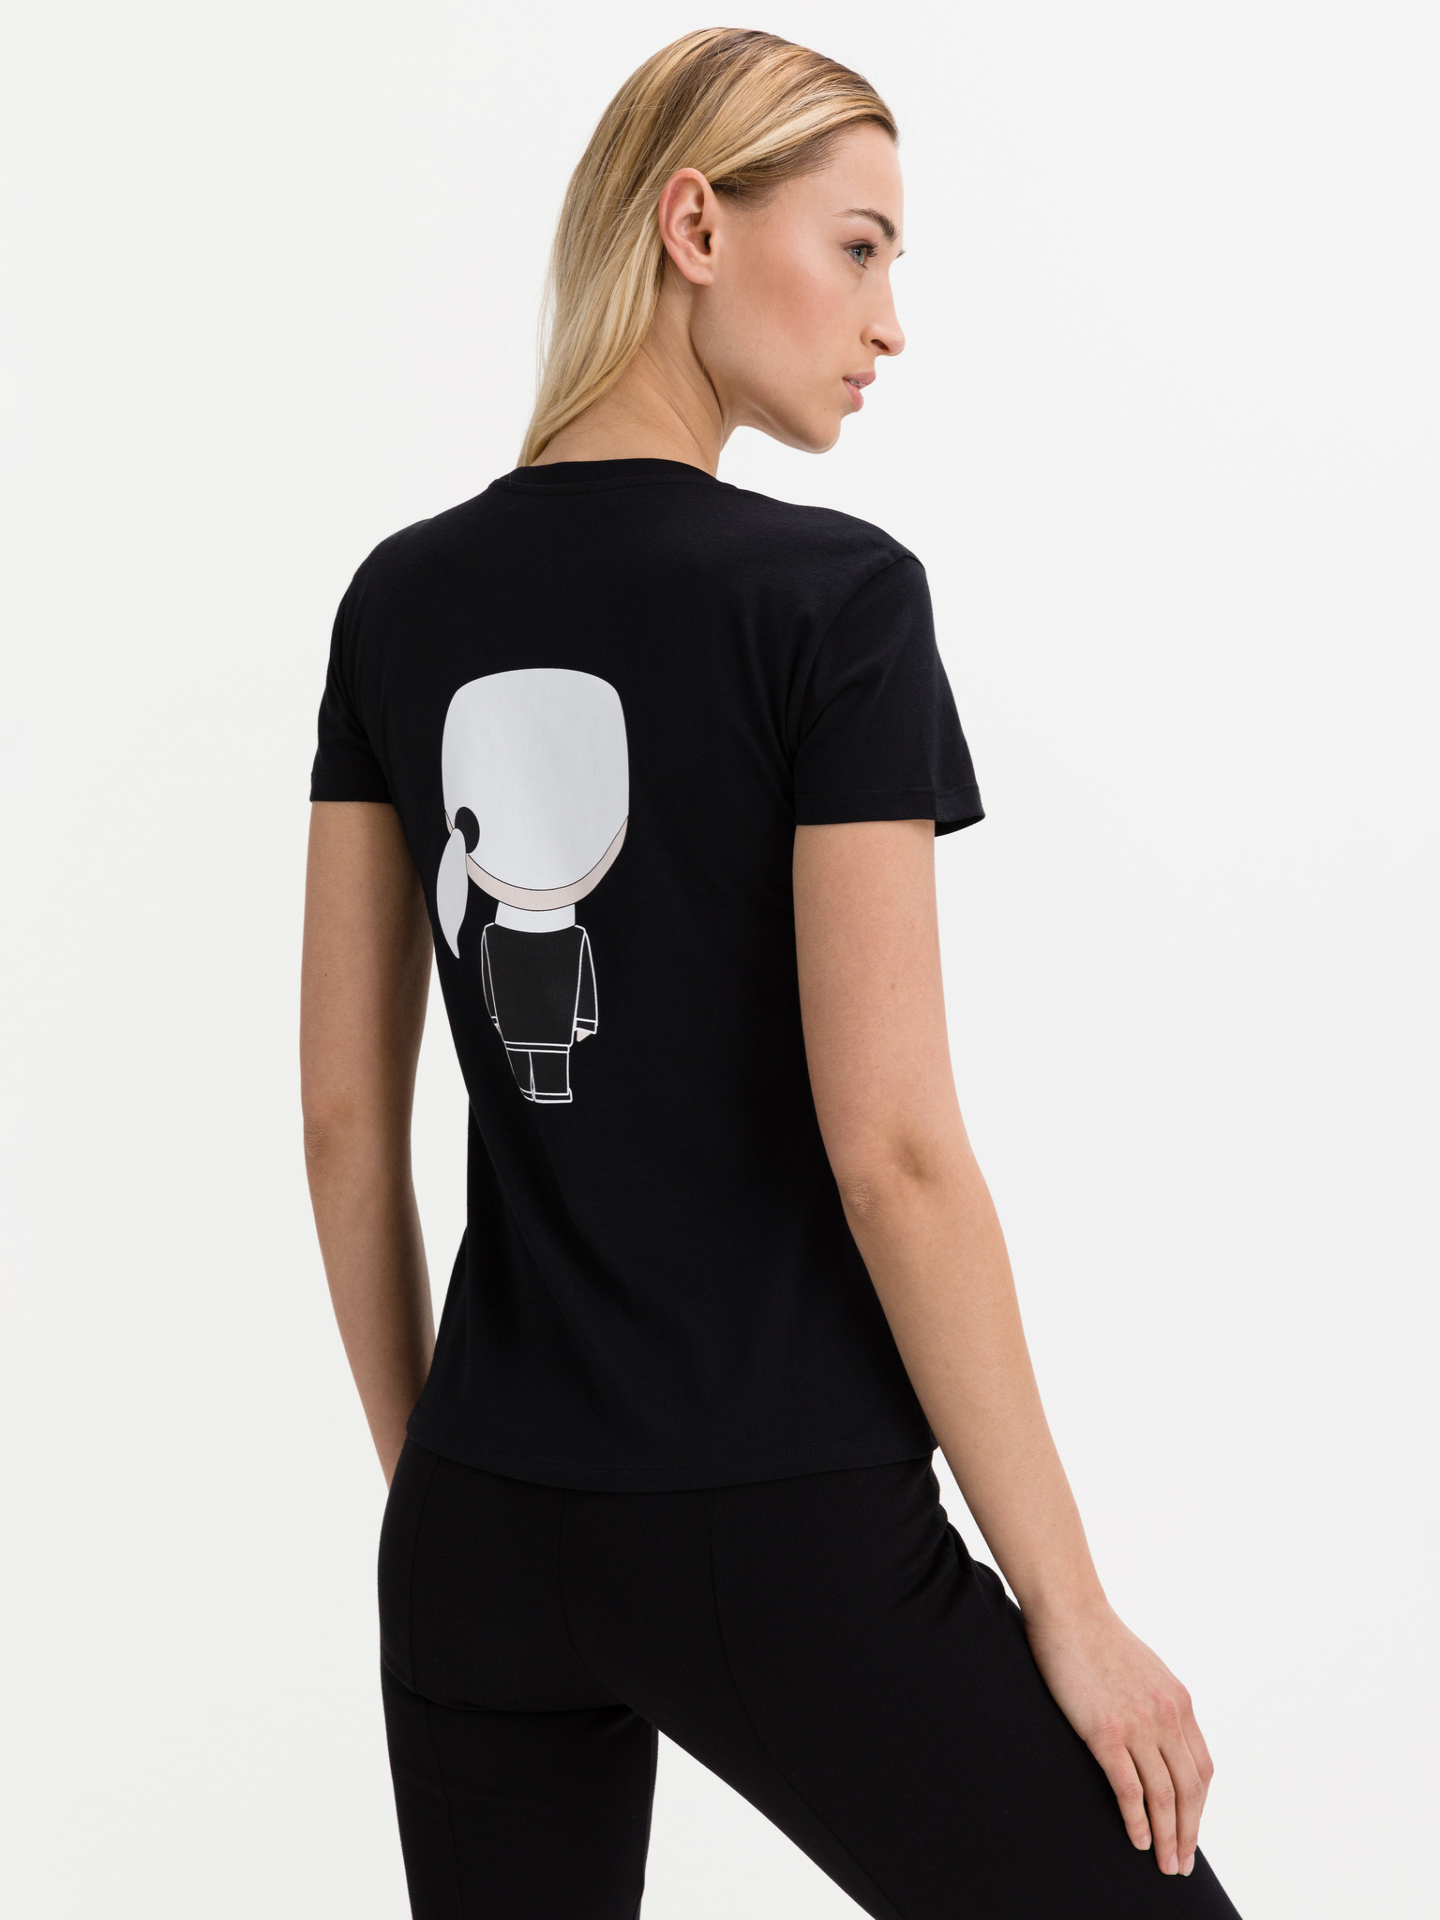 KARL LAGERFELD Koszulka damska czarny  Karl